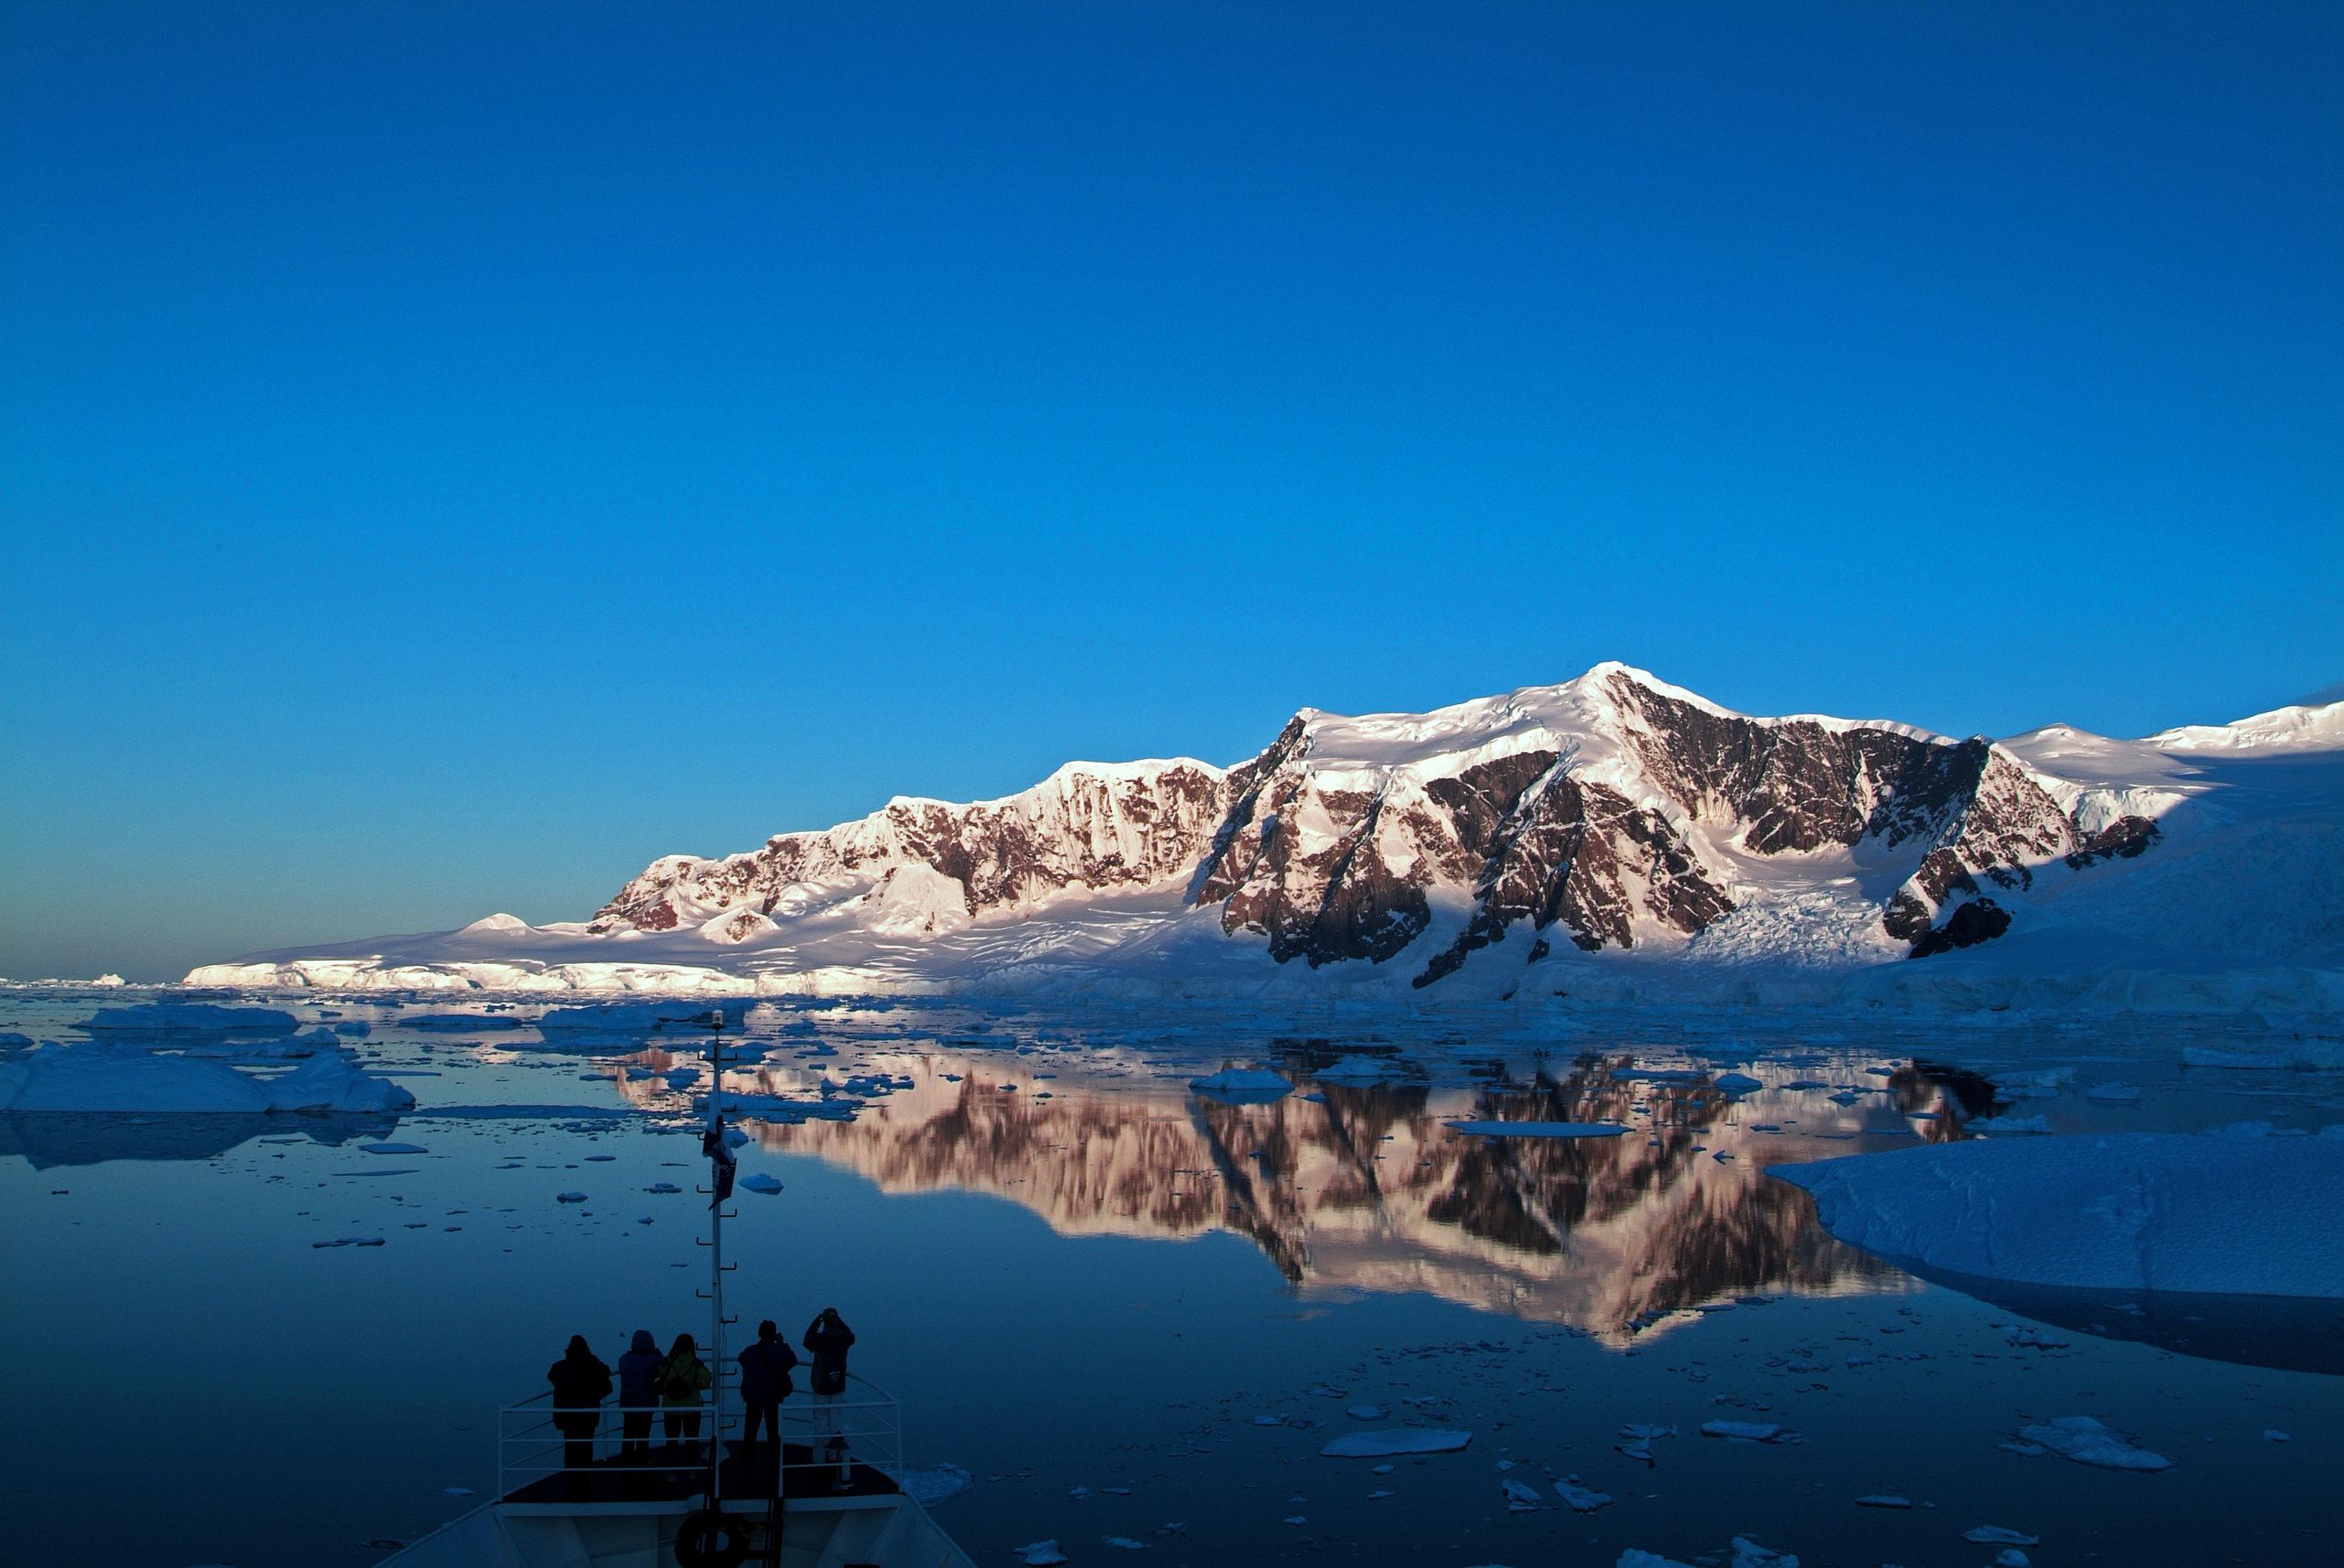 Sfeerimpressie Rondreis Argentinië: Expeditiecruise en Antarctica